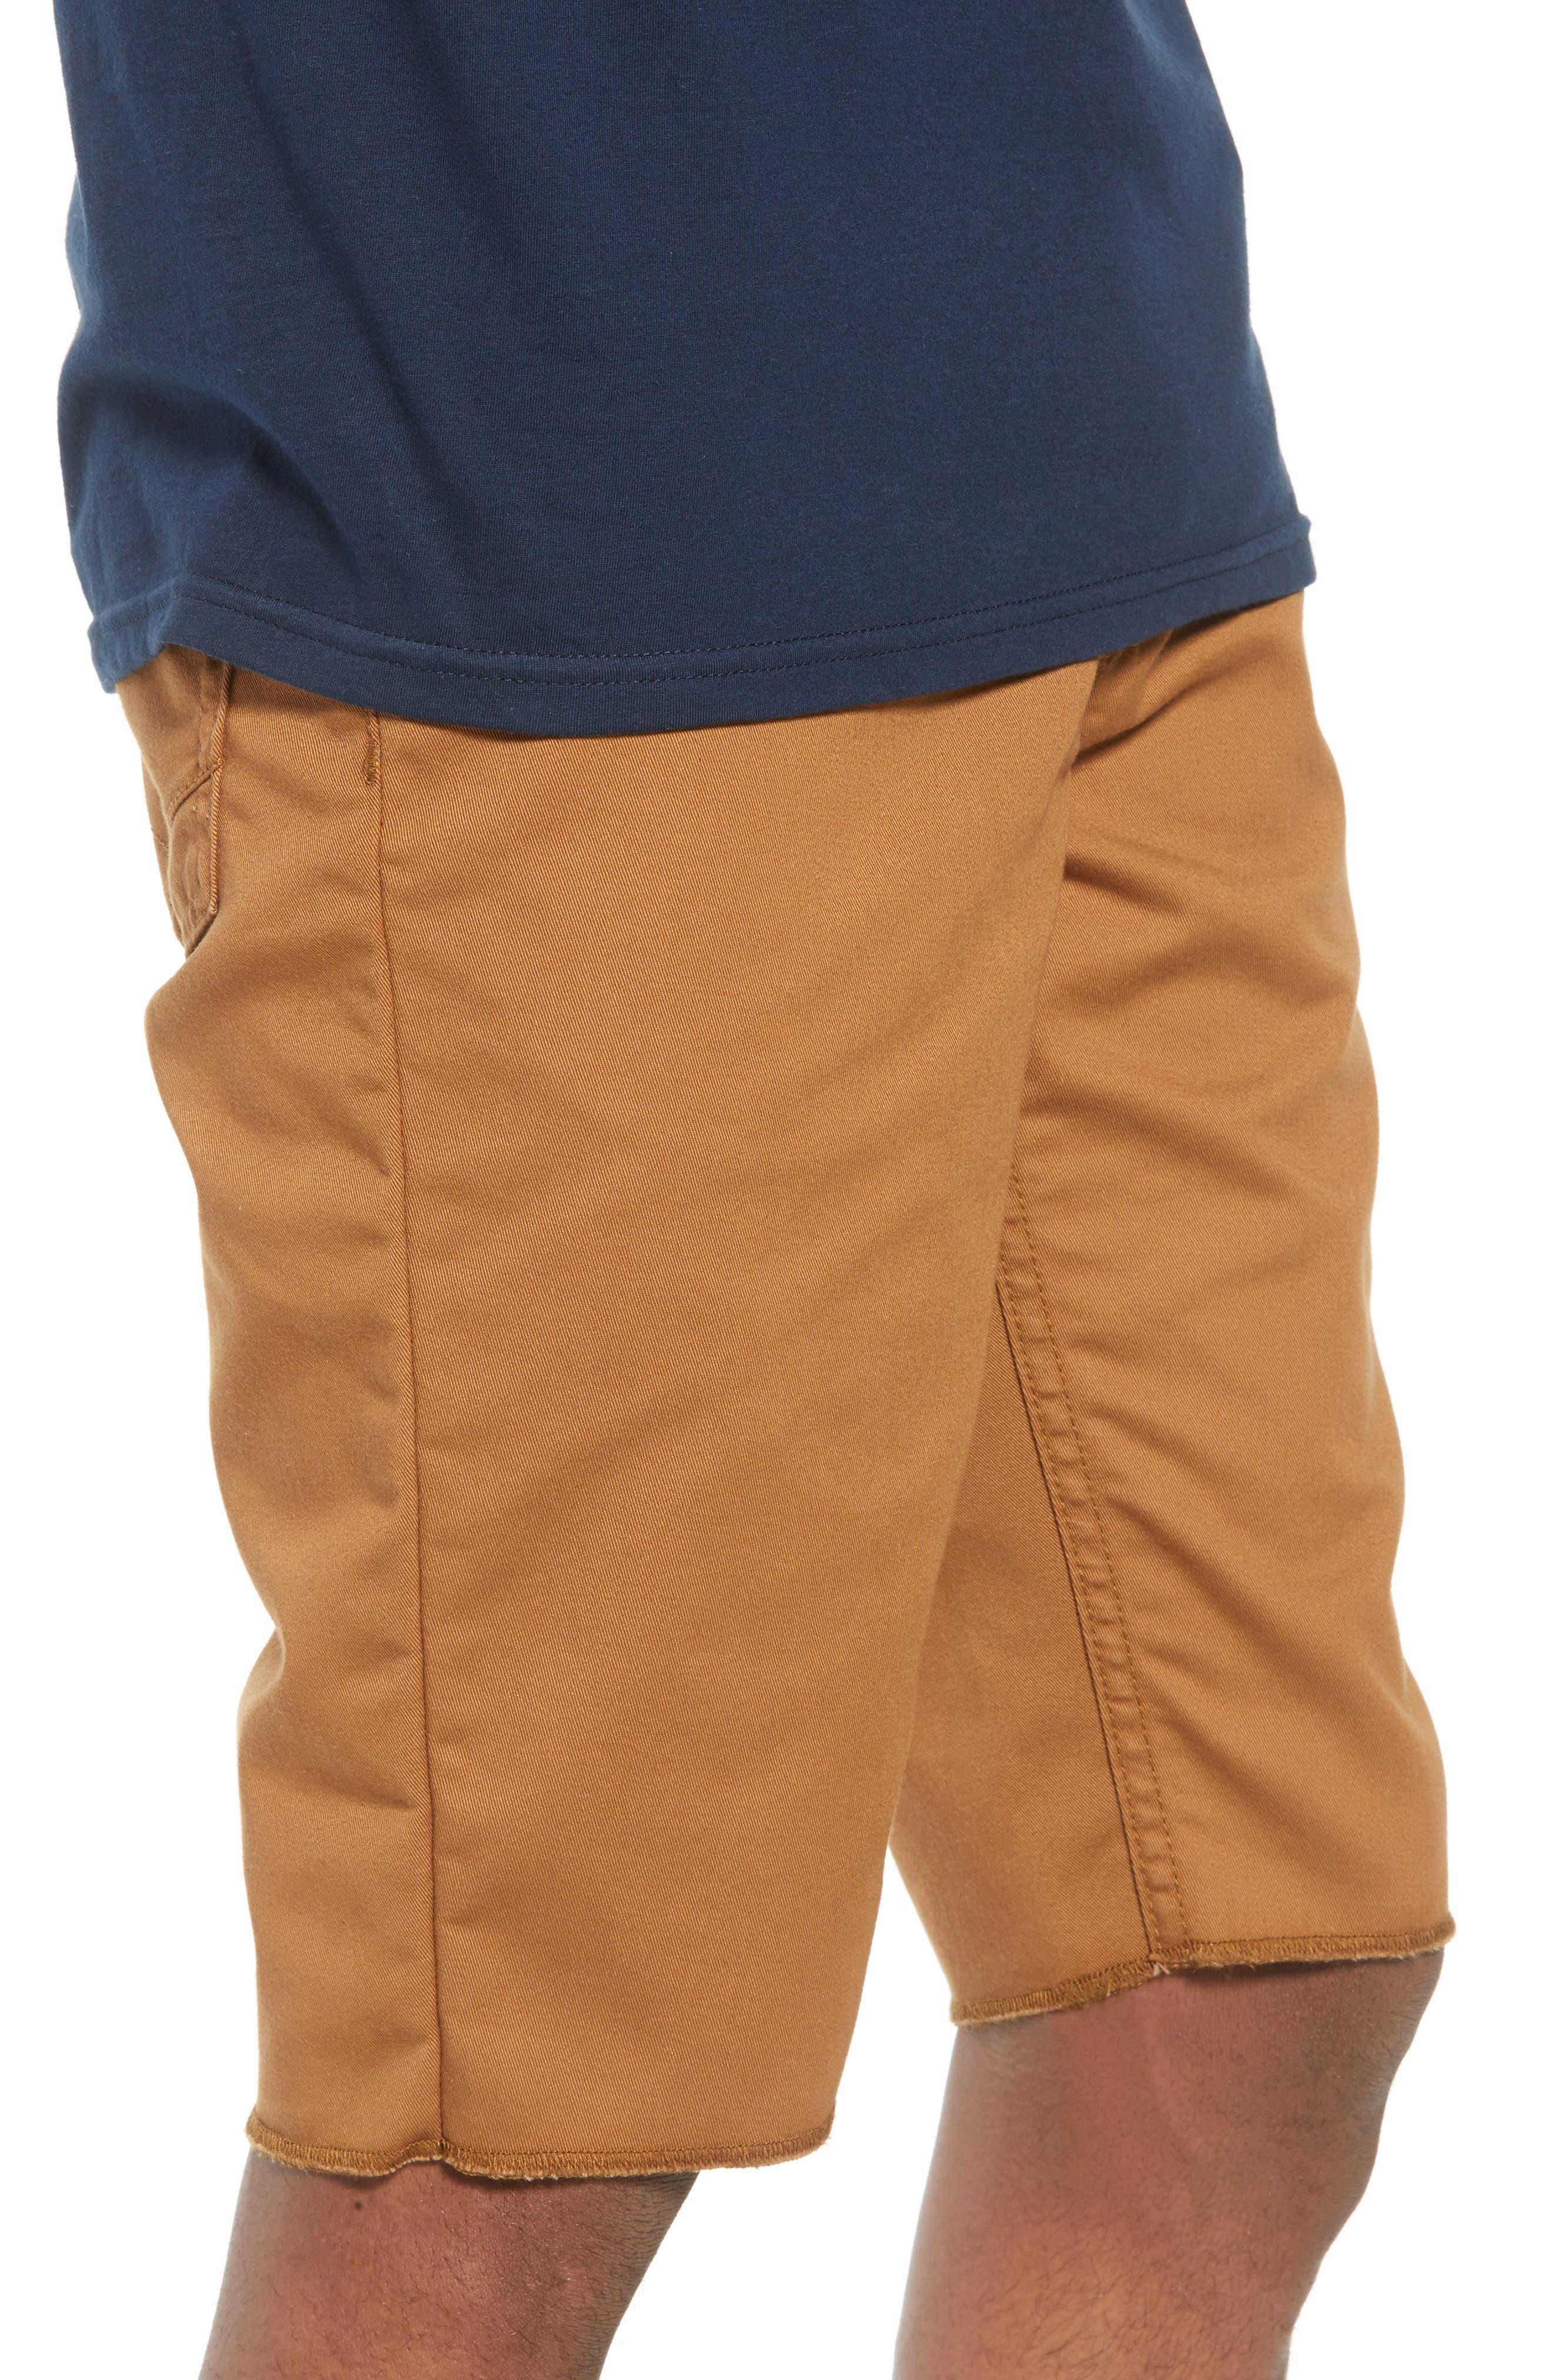 AV Covina Shorts,                             Alternate thumbnail 3, color,                             200